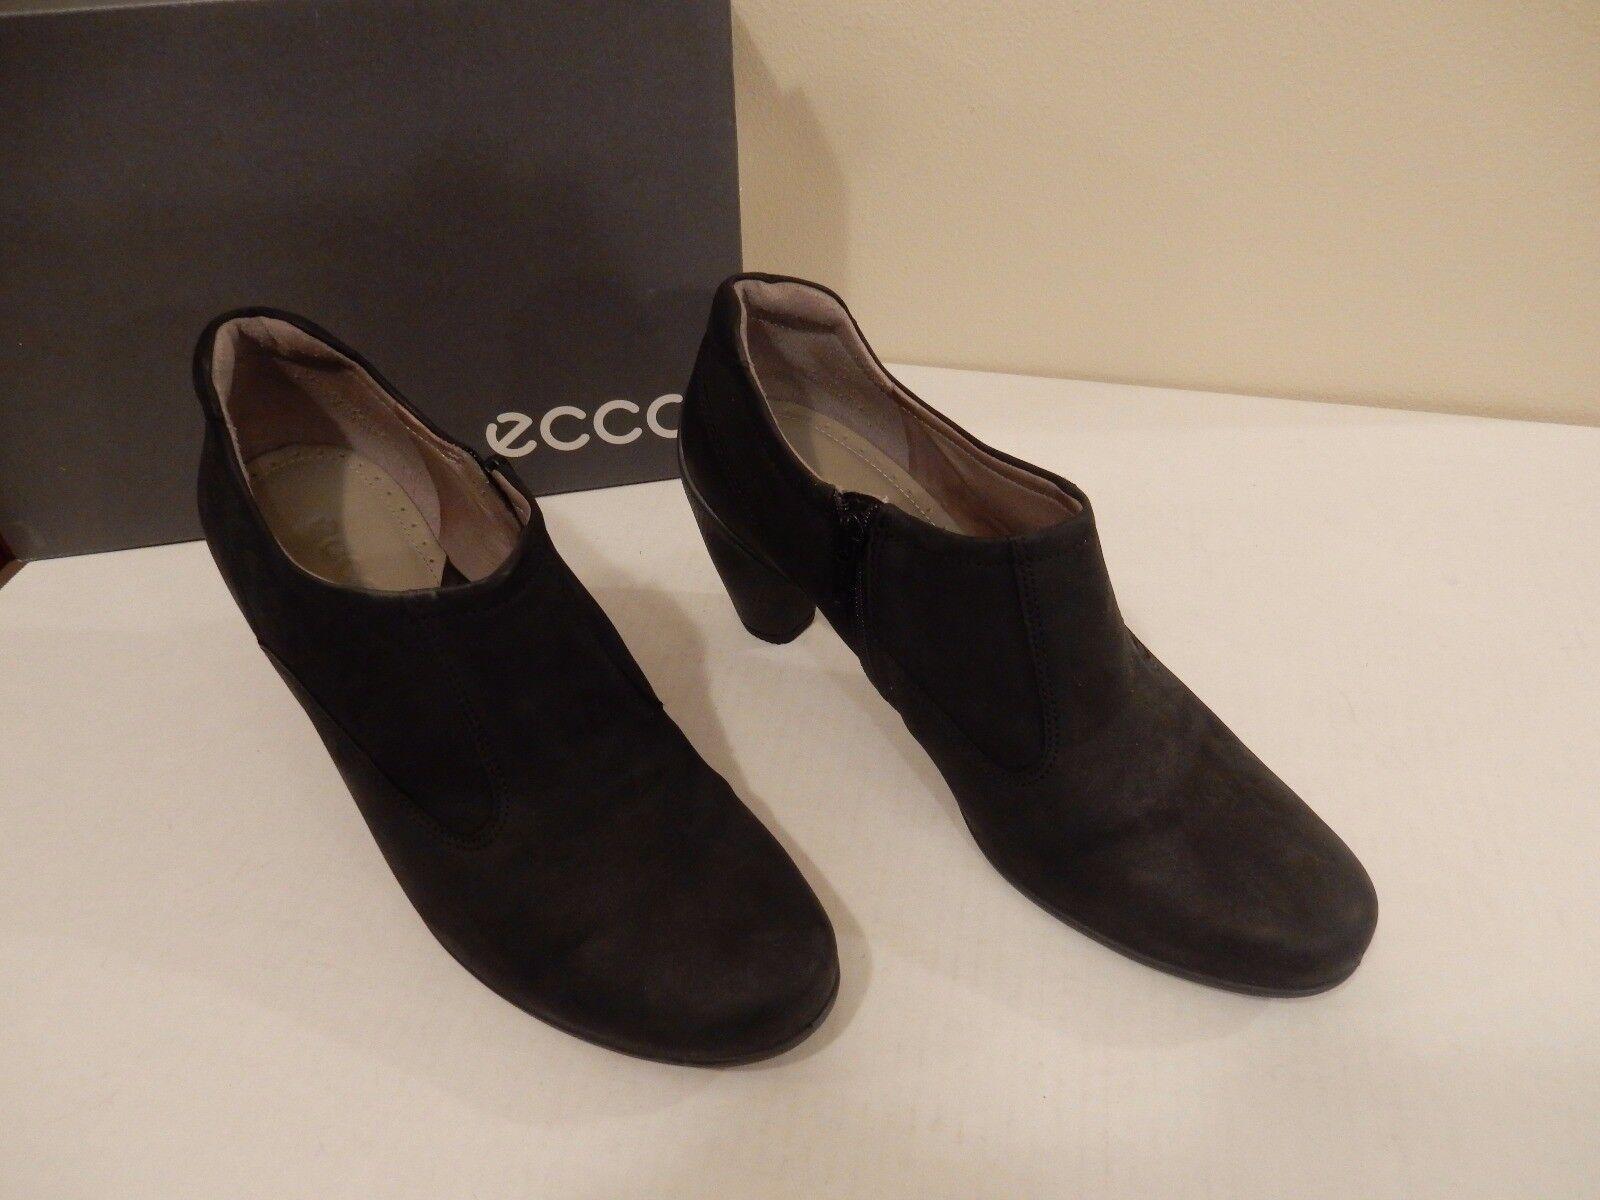 NEW ECCO SCULPTURE donna MID avvio COMFORT scarpe nero LEATHER 41 EU 10-10.5 US